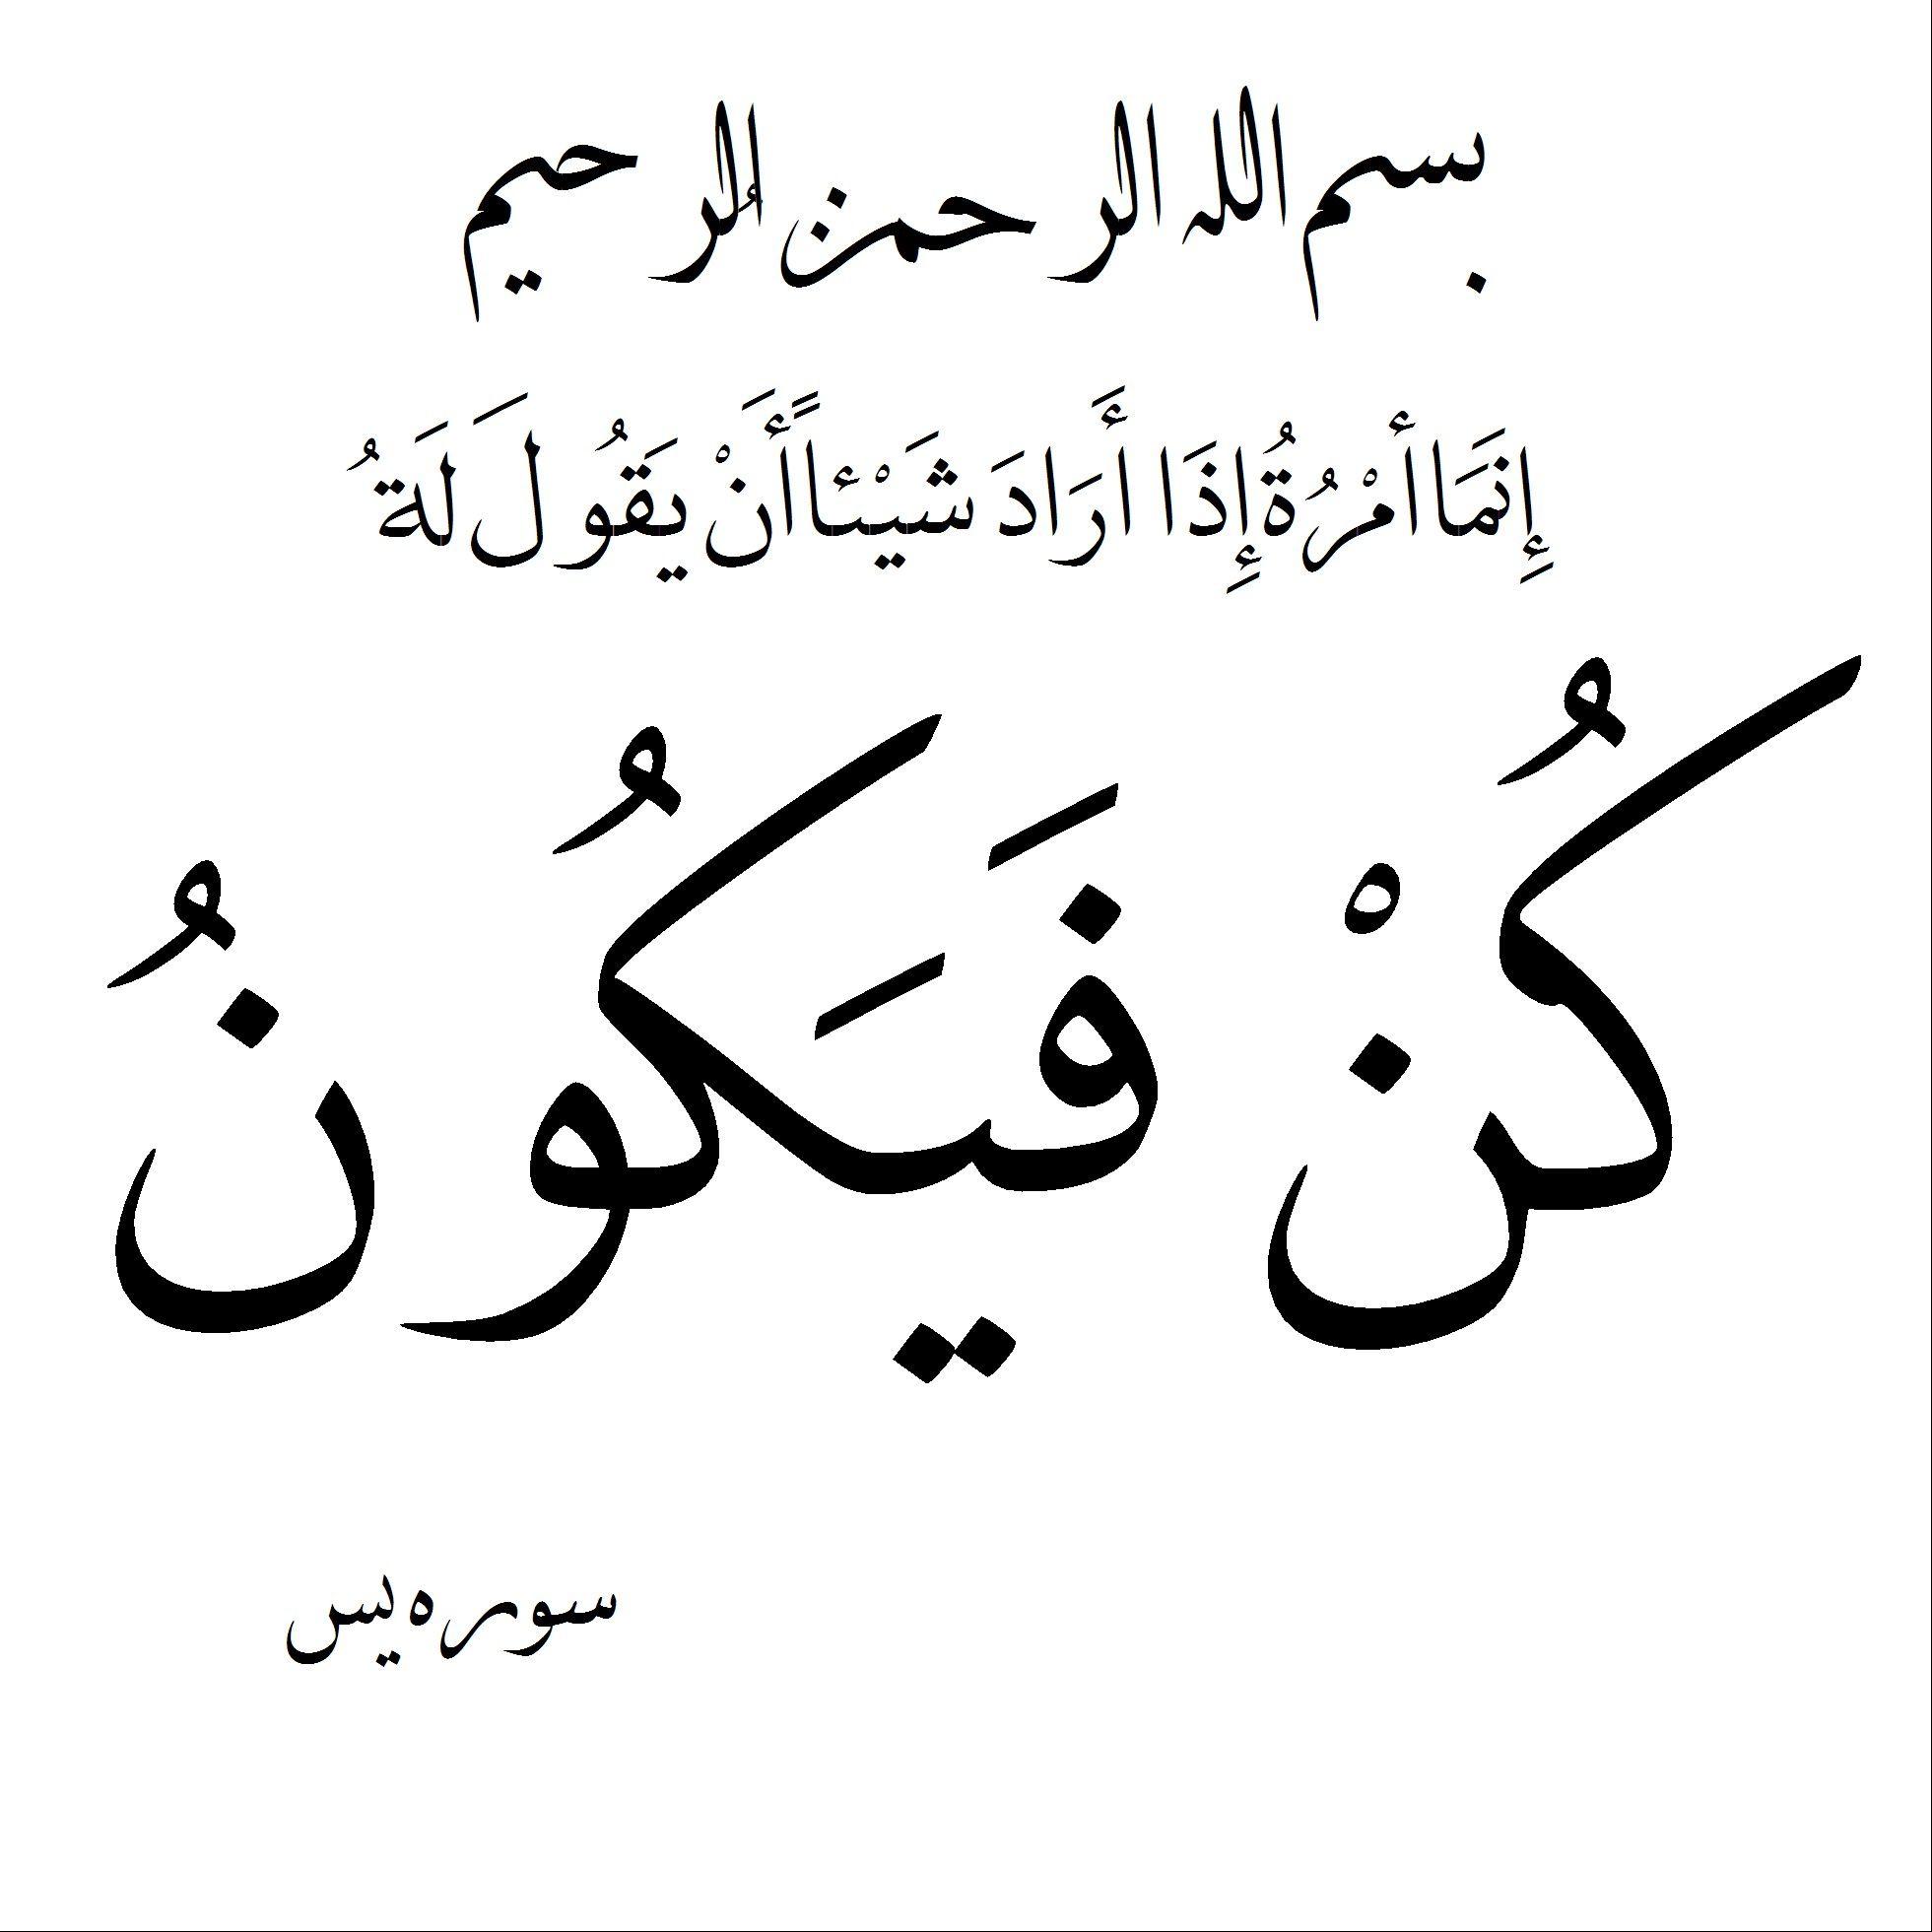 بسم الله الرحمن الرحيم انما امرة اذا اراد شيئا ان يقول له كن فيكون سورة يس Quran Verses Quran Quotes Islamic Quotes